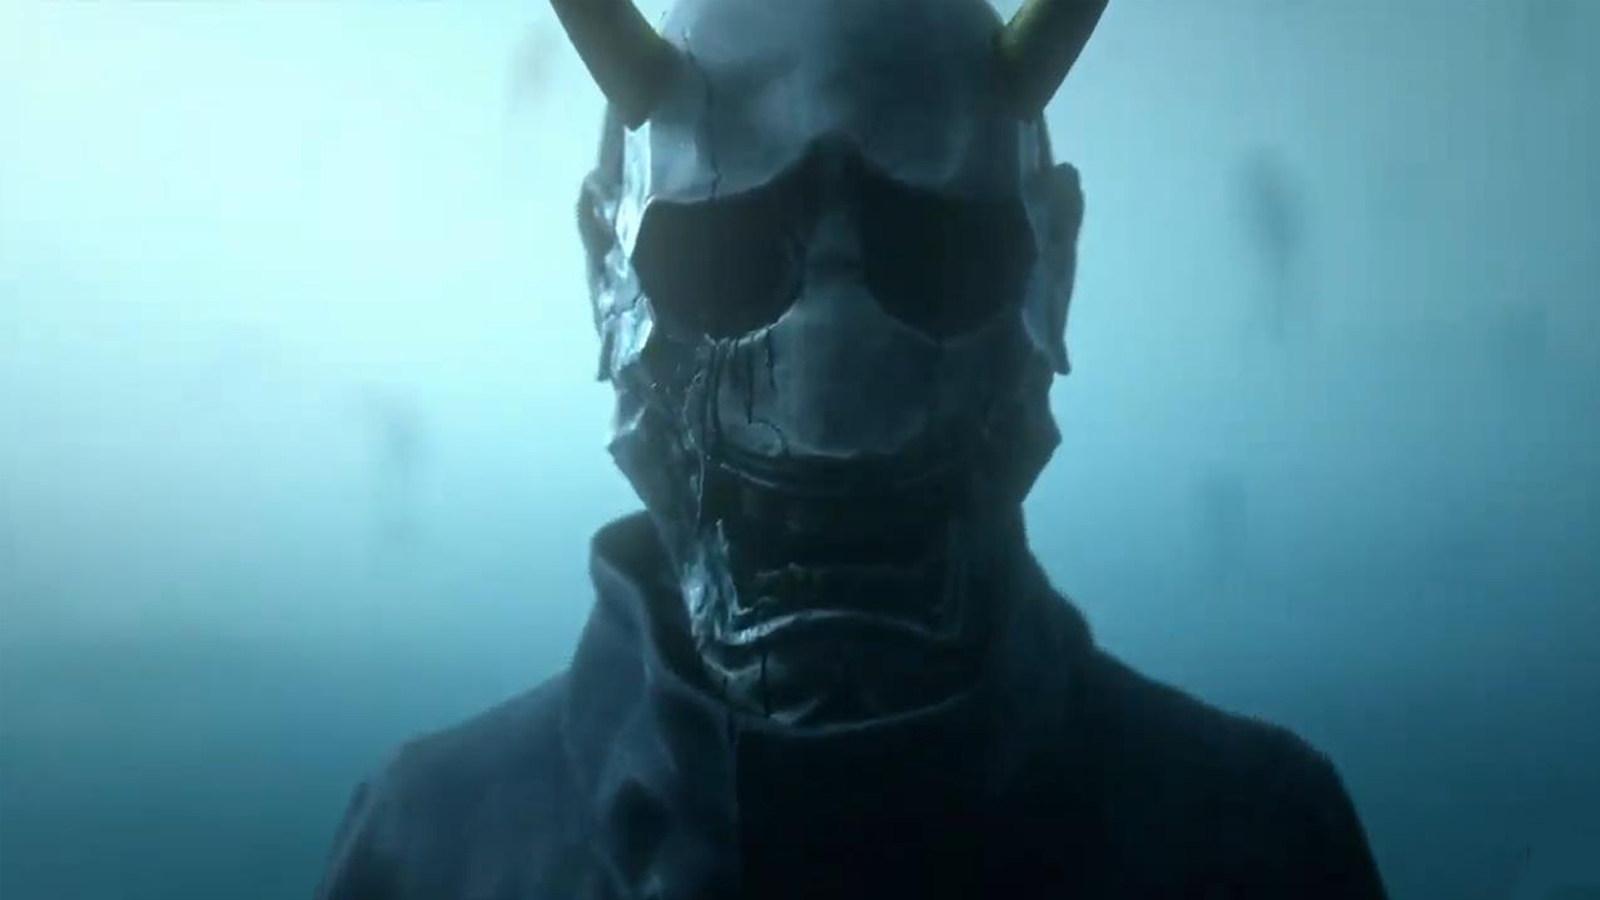 三上真司的新作预告太帅了!Bethesda E3 2019 展前发布会汇总